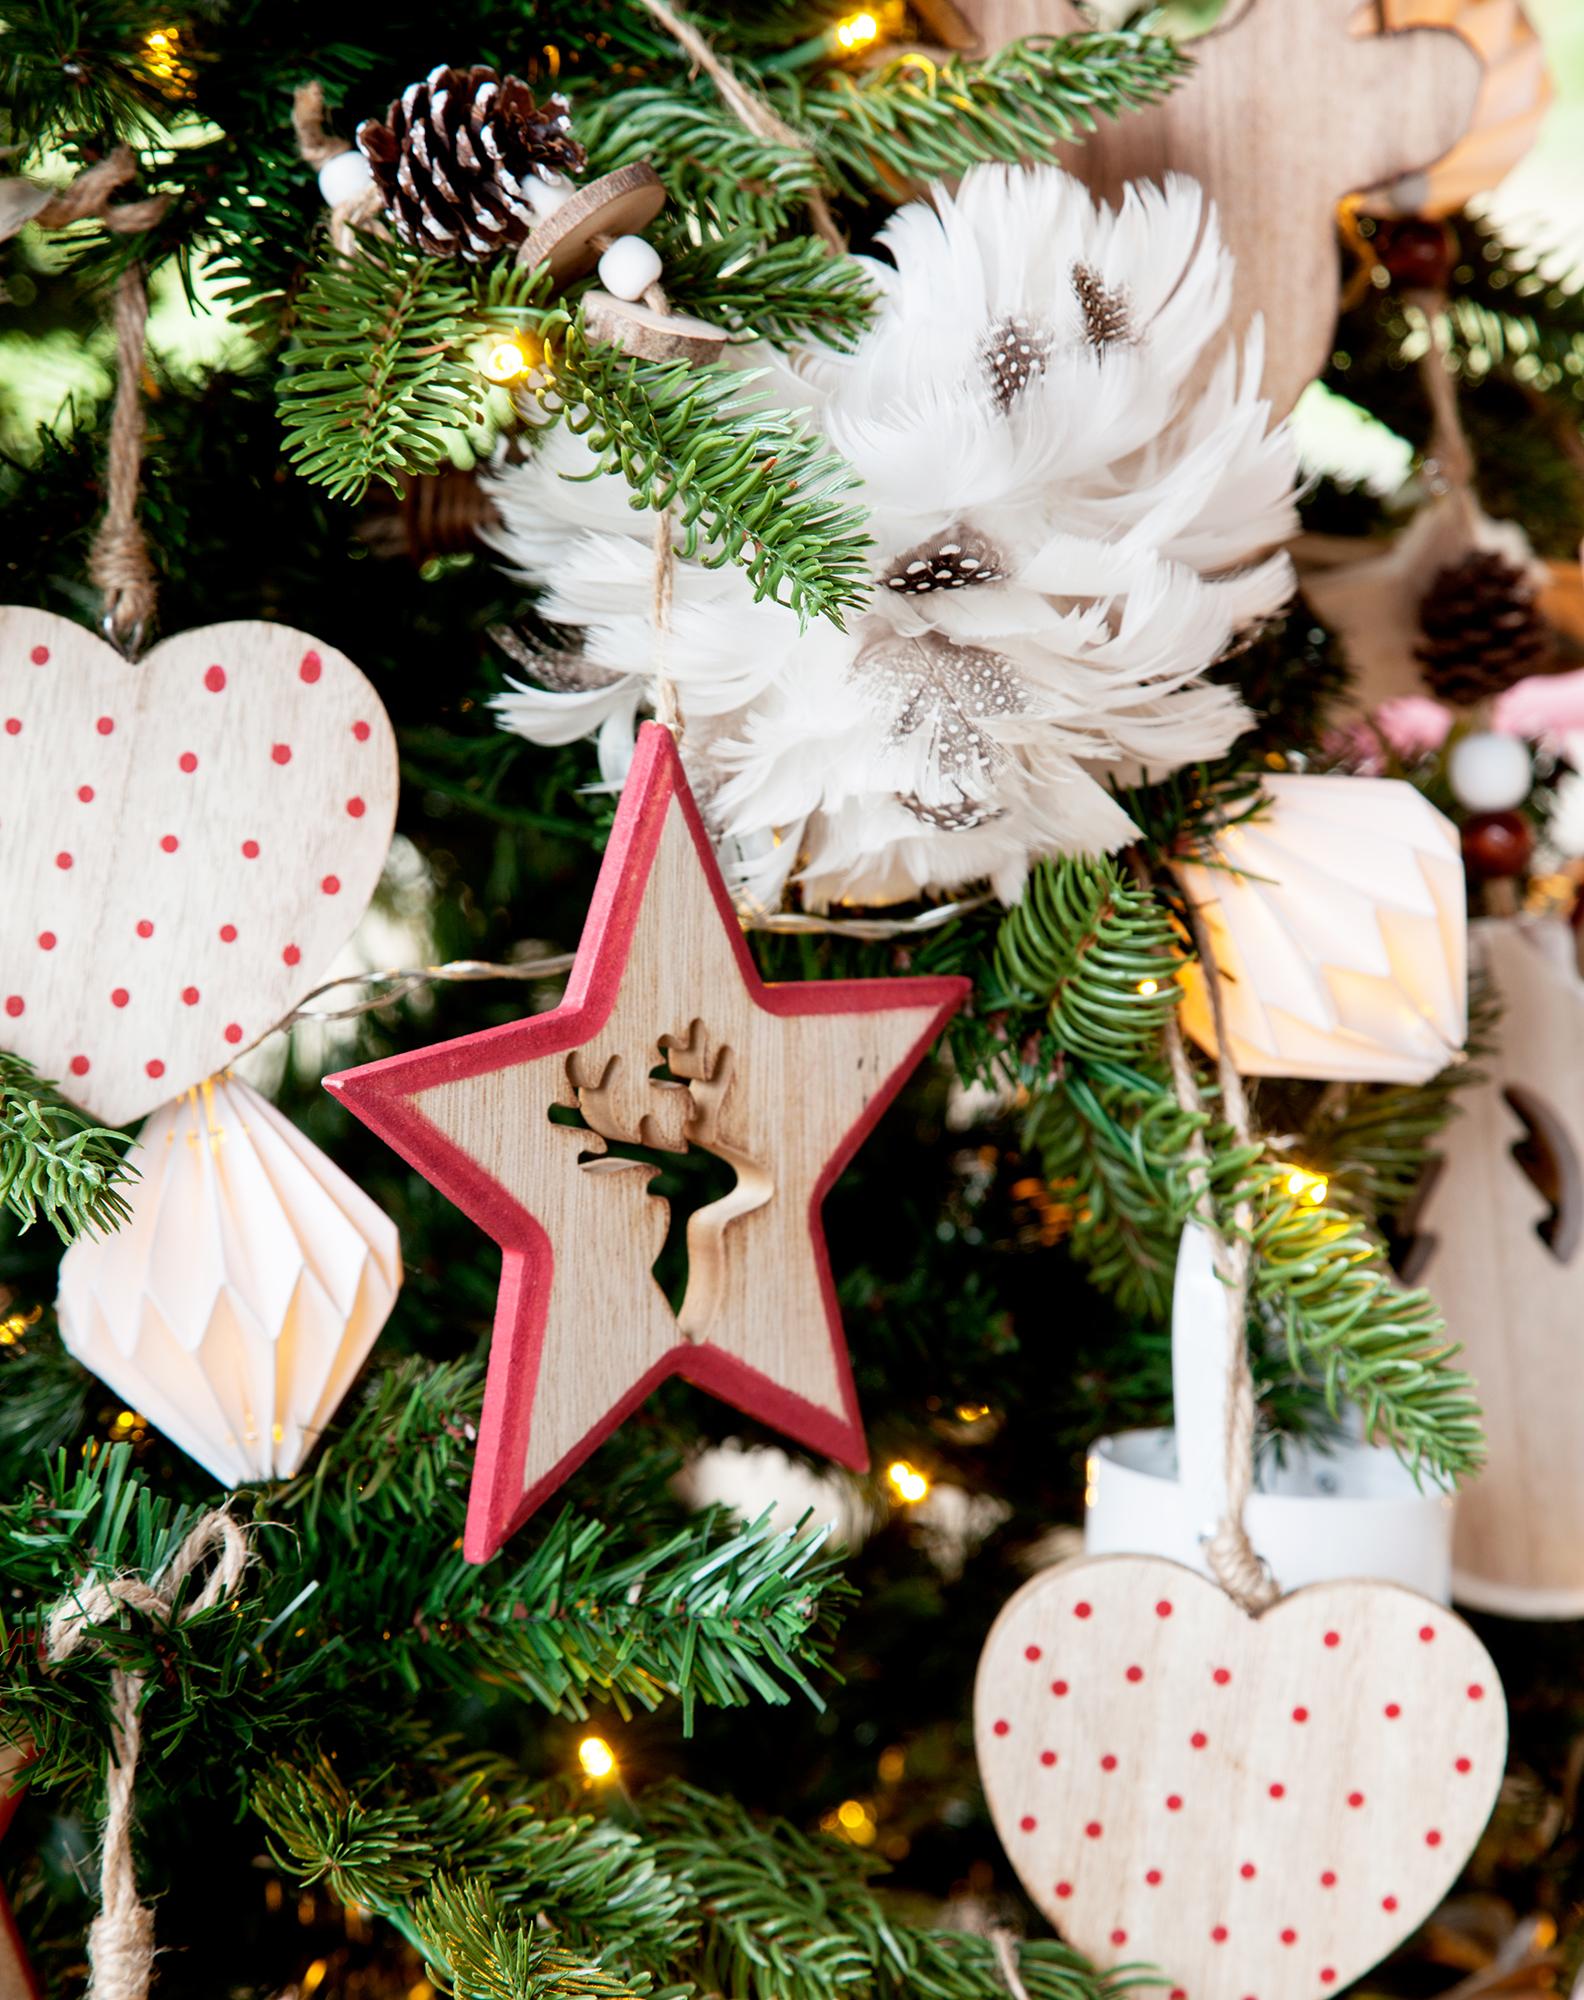 Como Decorar Una Estrella De Navidad Para Ninos.Ideas Para El Arbol De Navidad Se Llevan Los Adornos Naturales